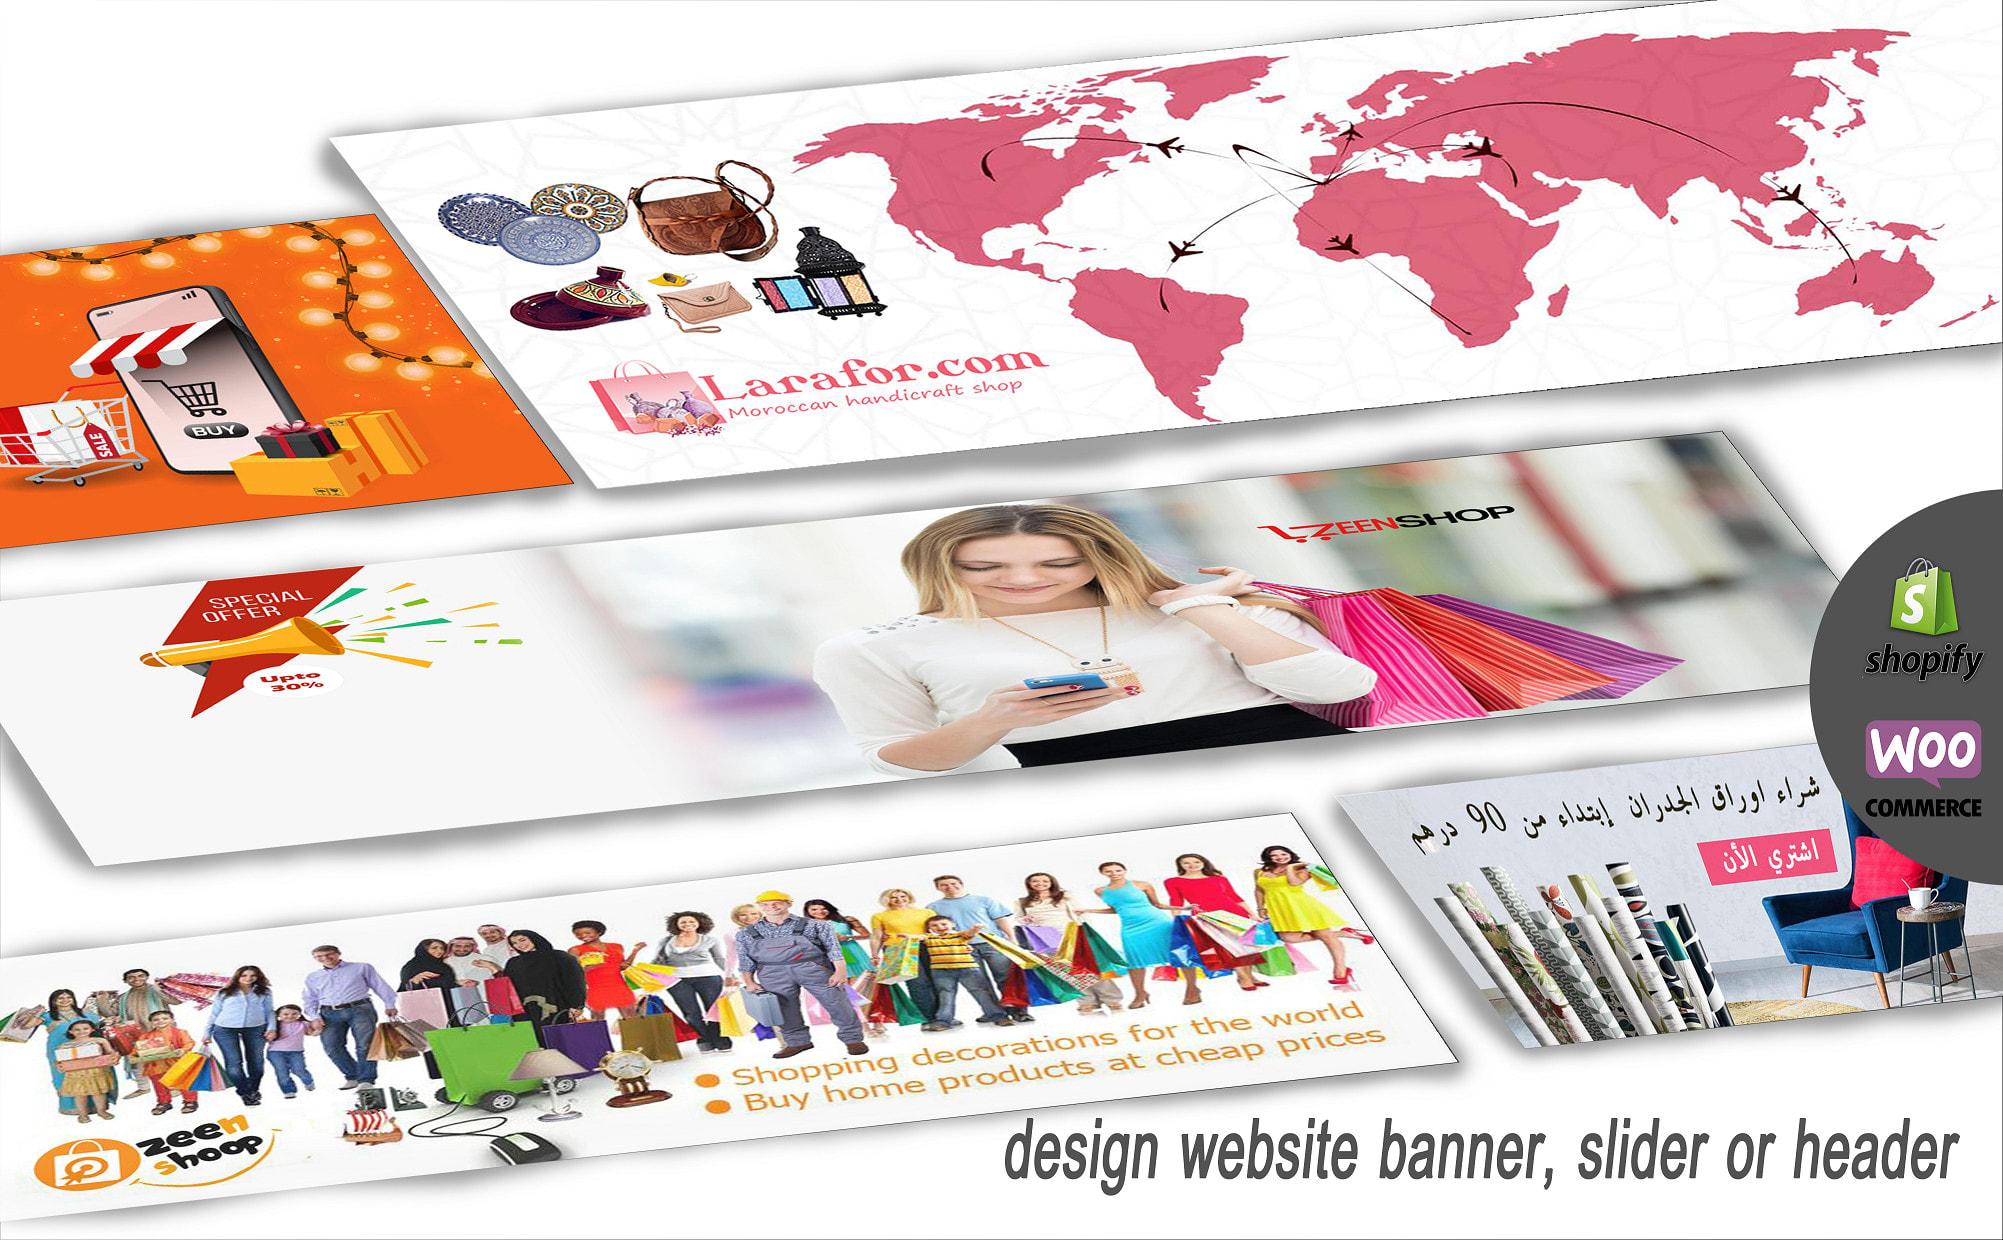 I will design banner,  slider or header your website shopify